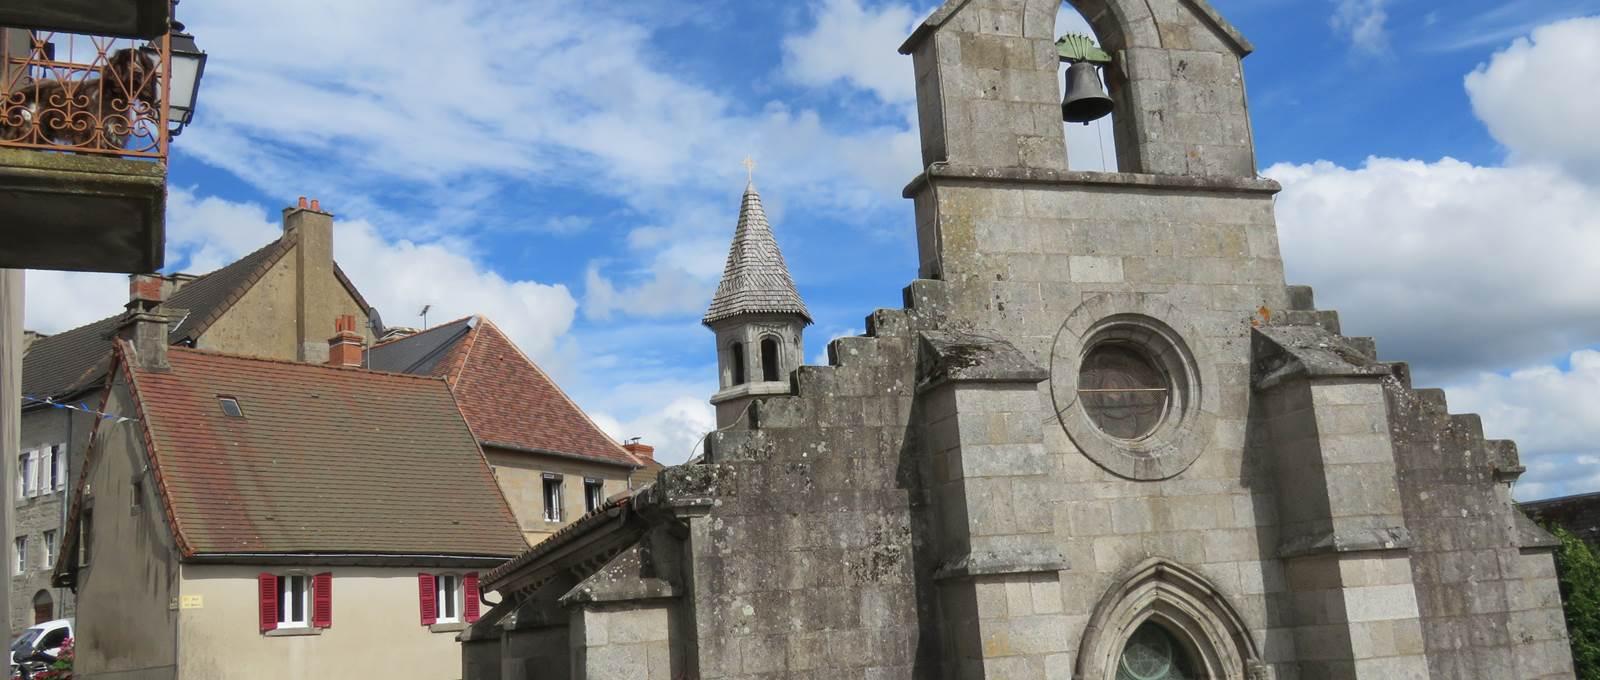 Crocq, 23260, Chapelle de la visitation avec sa lanterne aux morts.